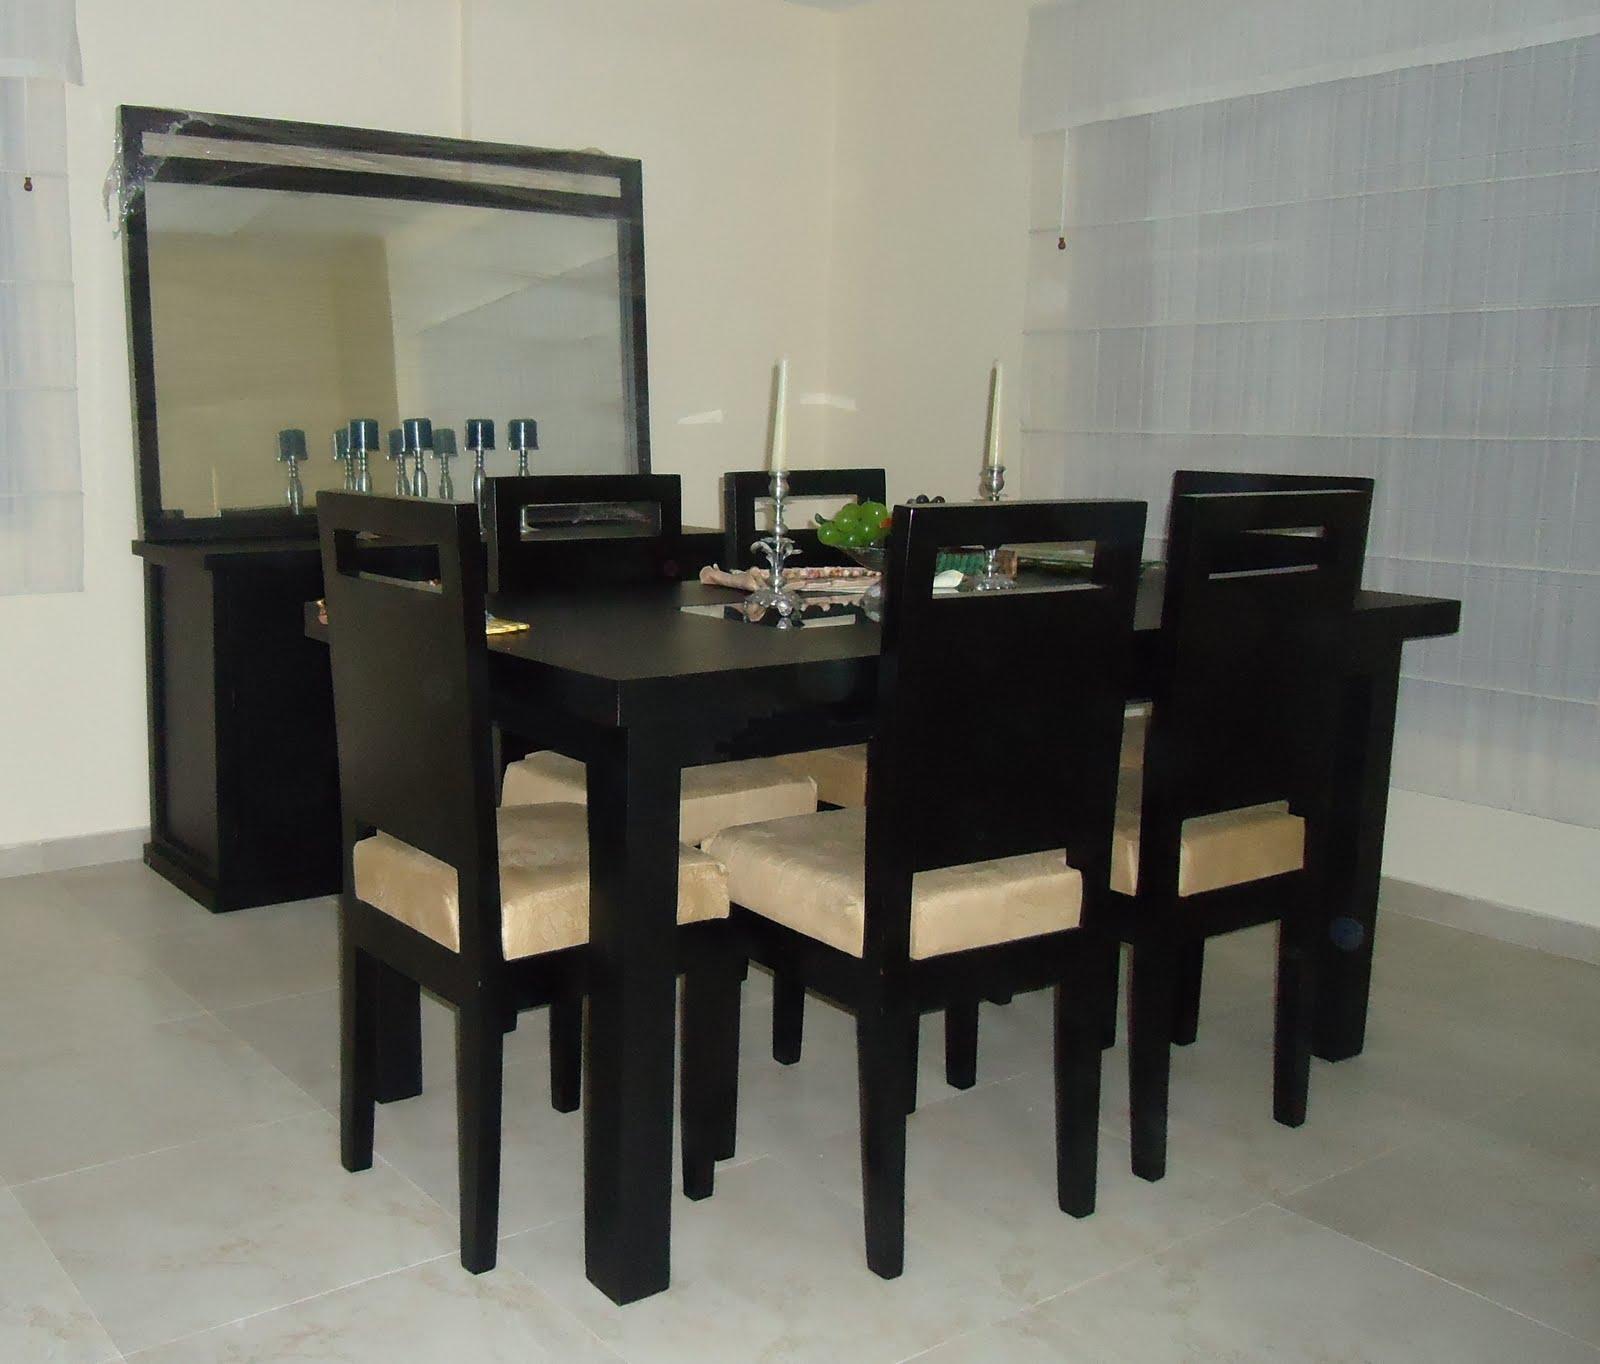 Comedores usados juegos de sala y comedor en muebles for Comedores usados